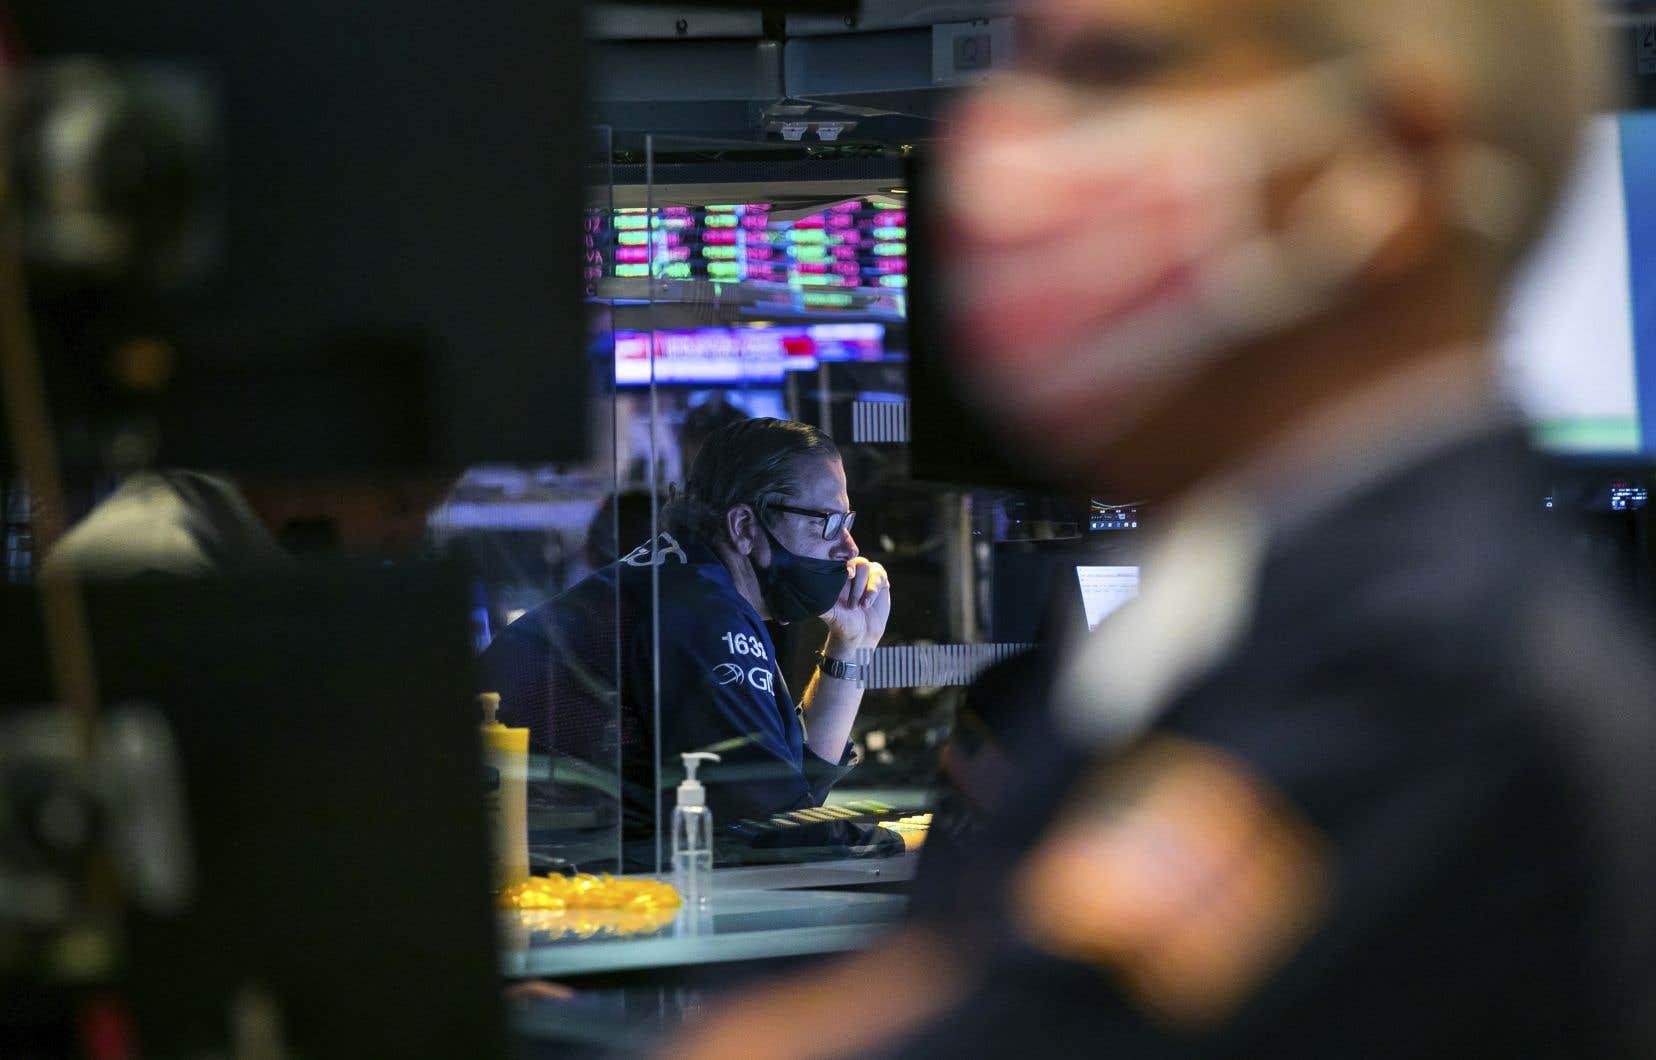 En dehors du raté sur la croissance de son nombre d'usagers, Twitter, sous pression politique aux États-Unis pour sa modération des contenus sur sa plateforme, a largement dépassé les attentes de Wall Street.